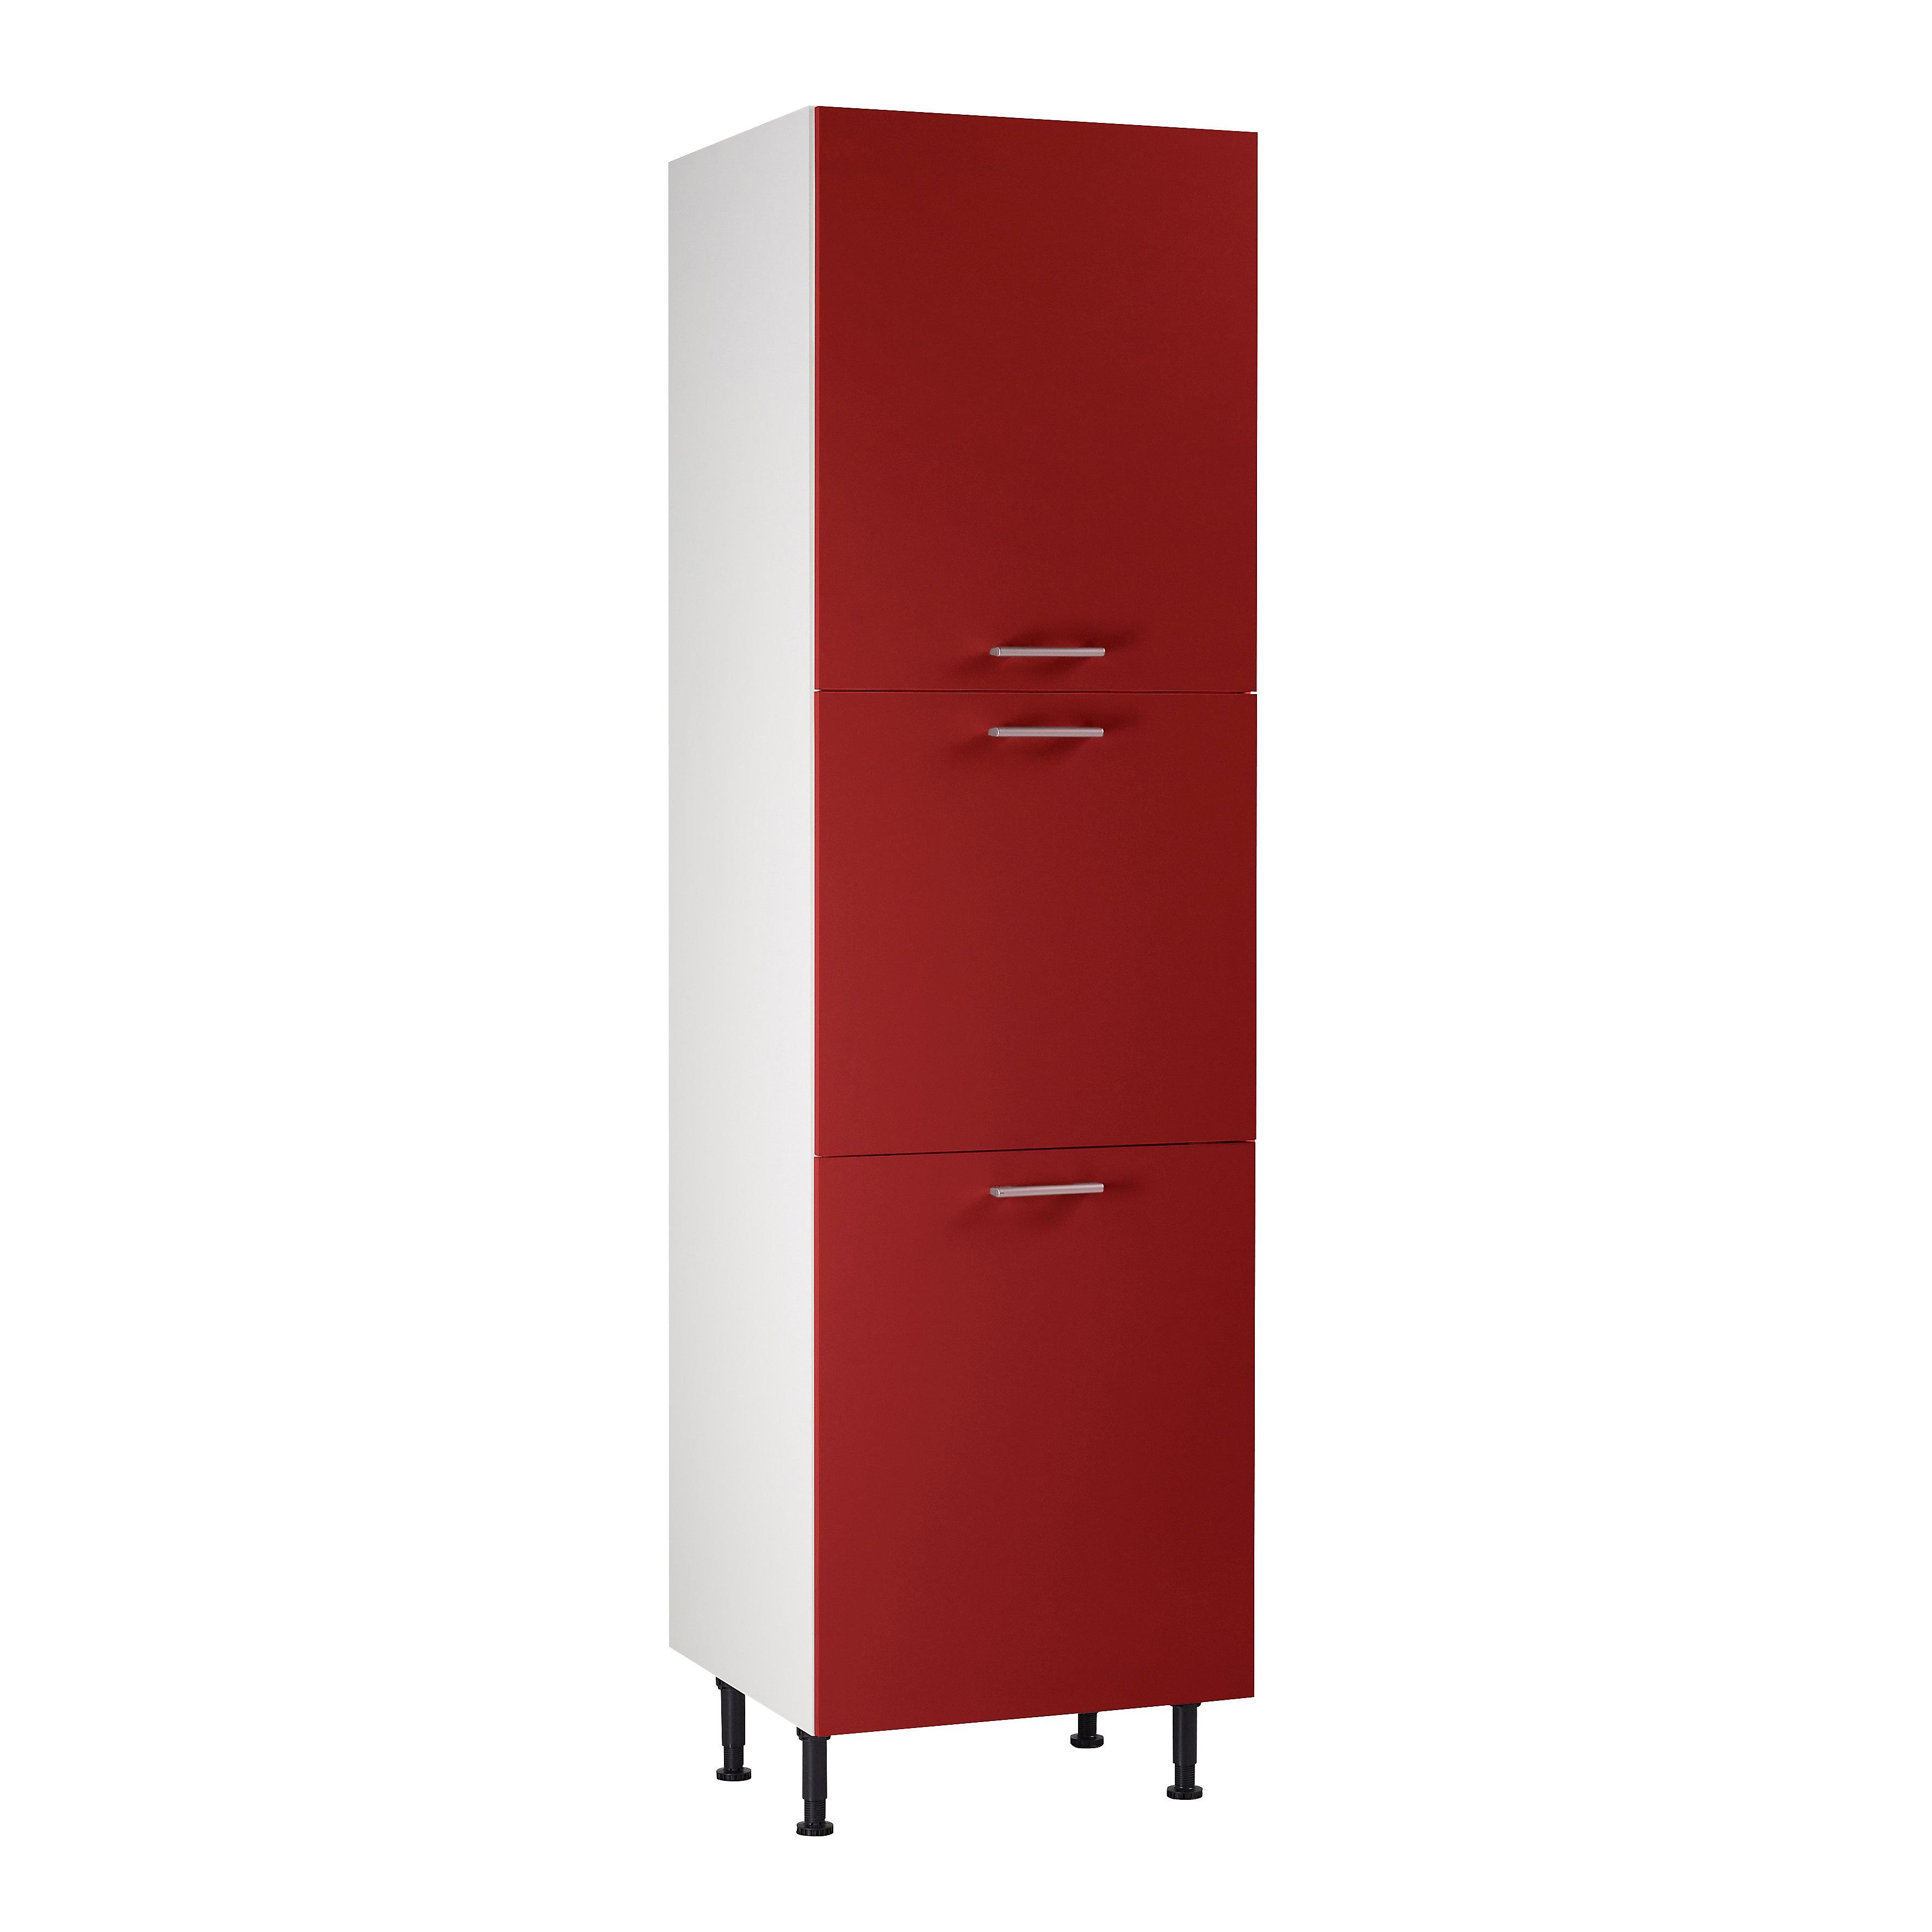 Meuble de cuisine Spicy rouge façades 12 portes + caisson colonne L. 12 cm